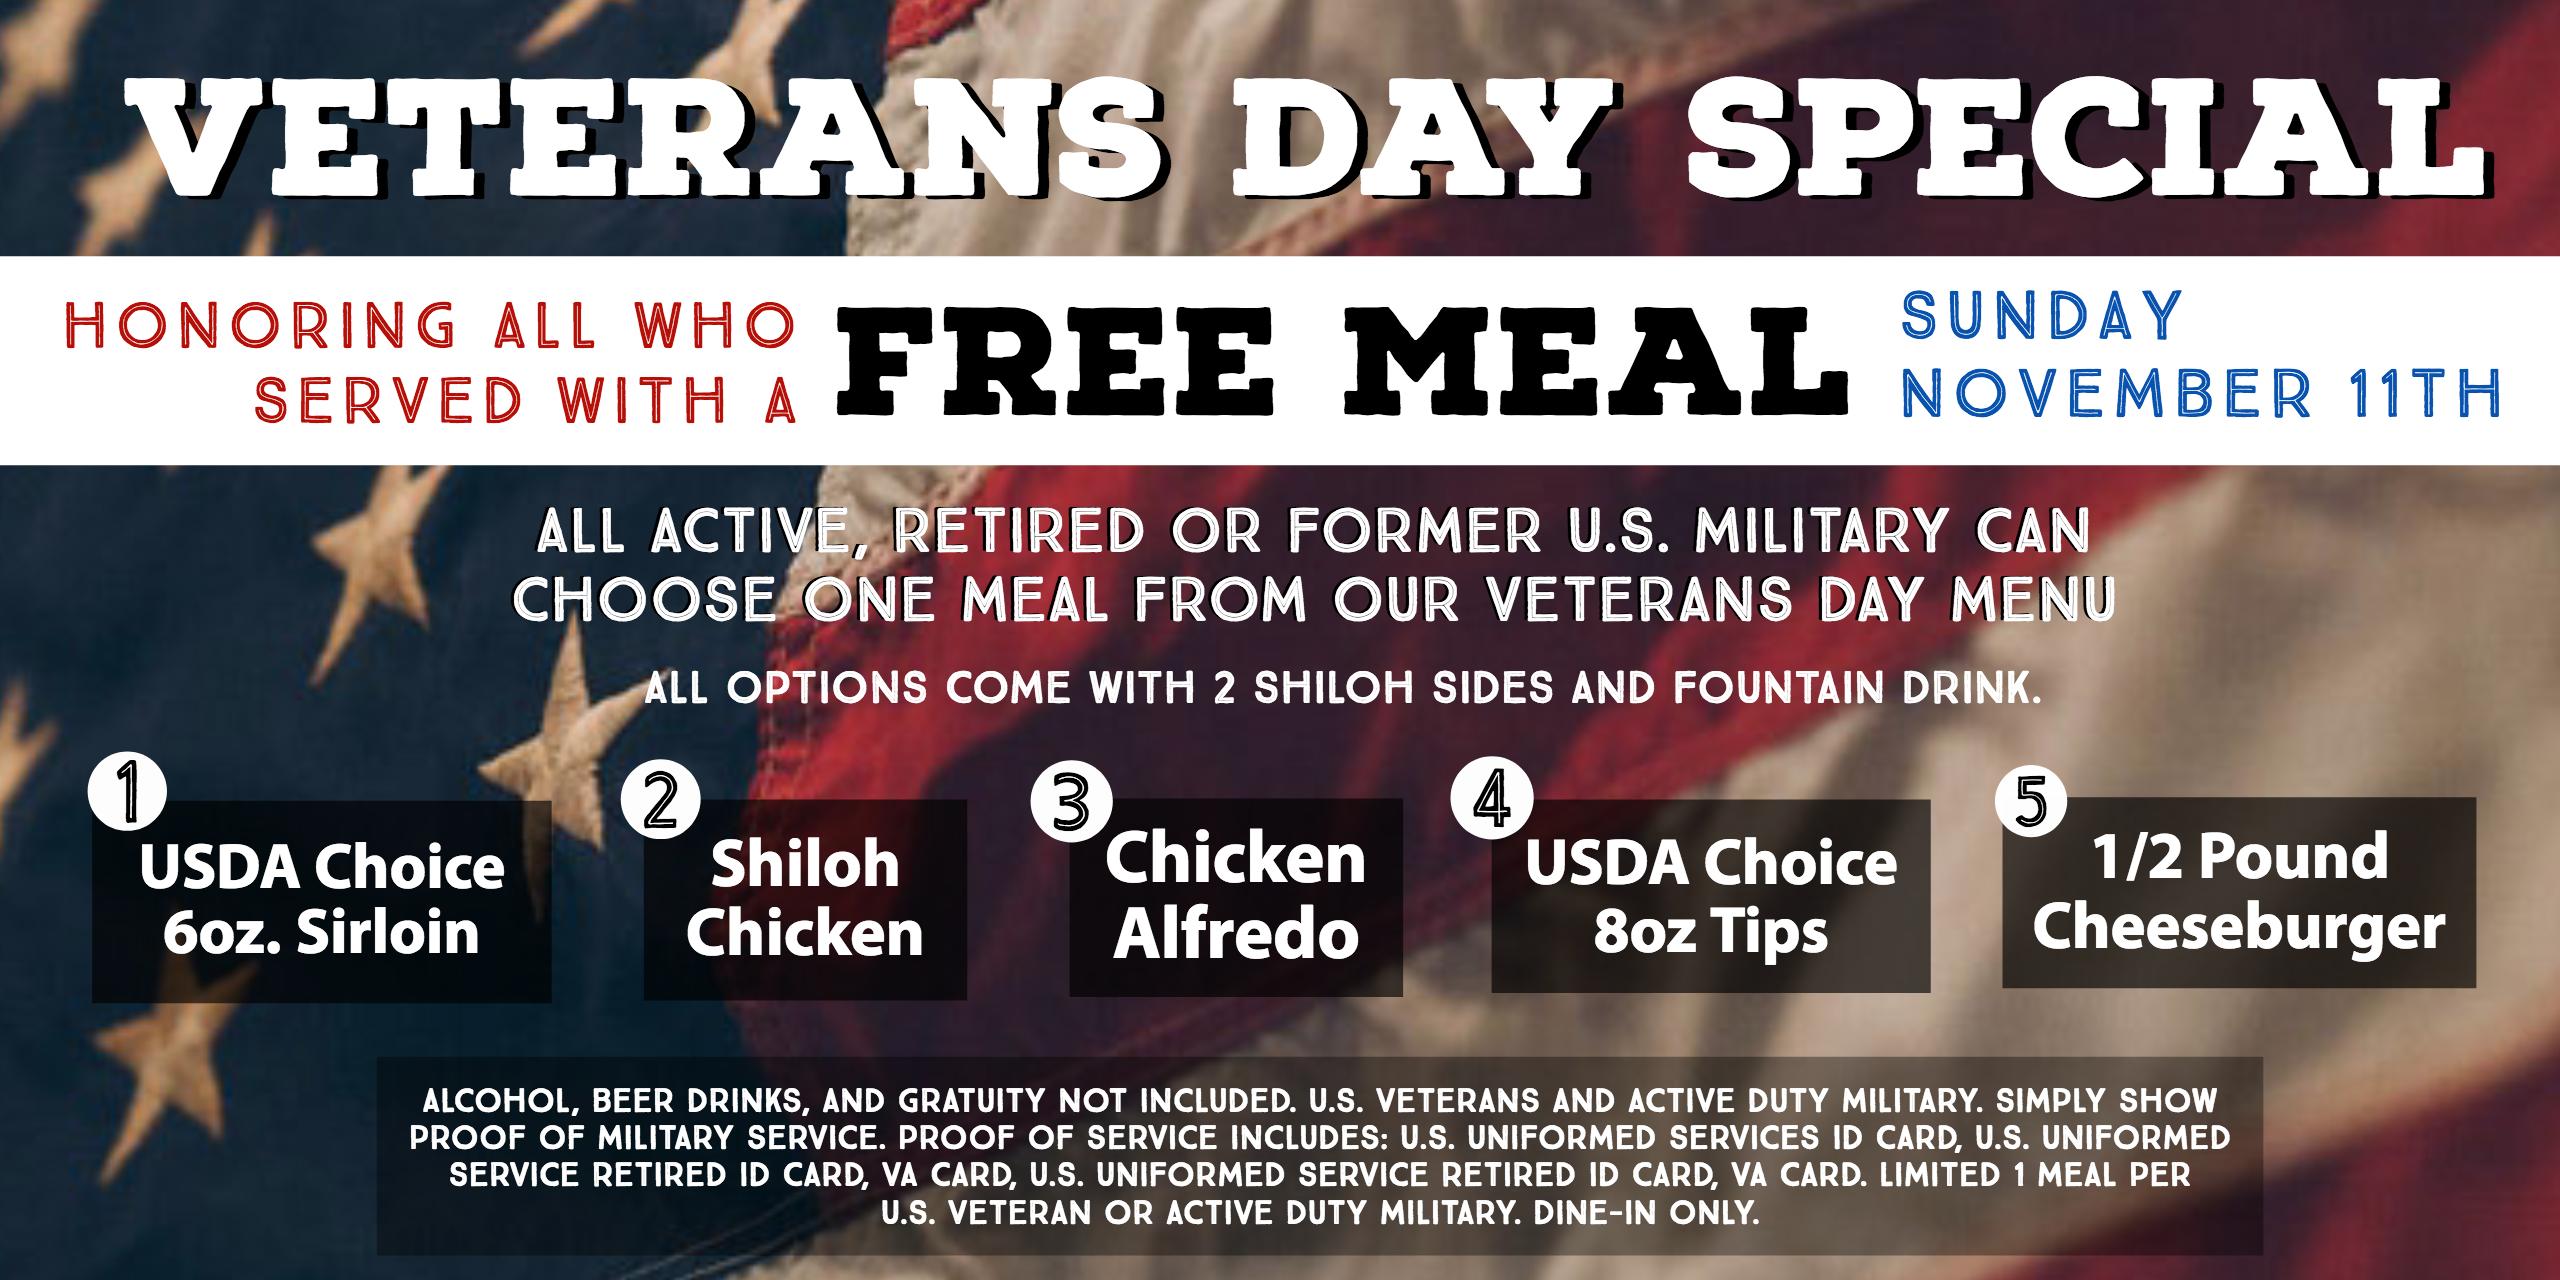 Veteran's Day Special Nov 11th